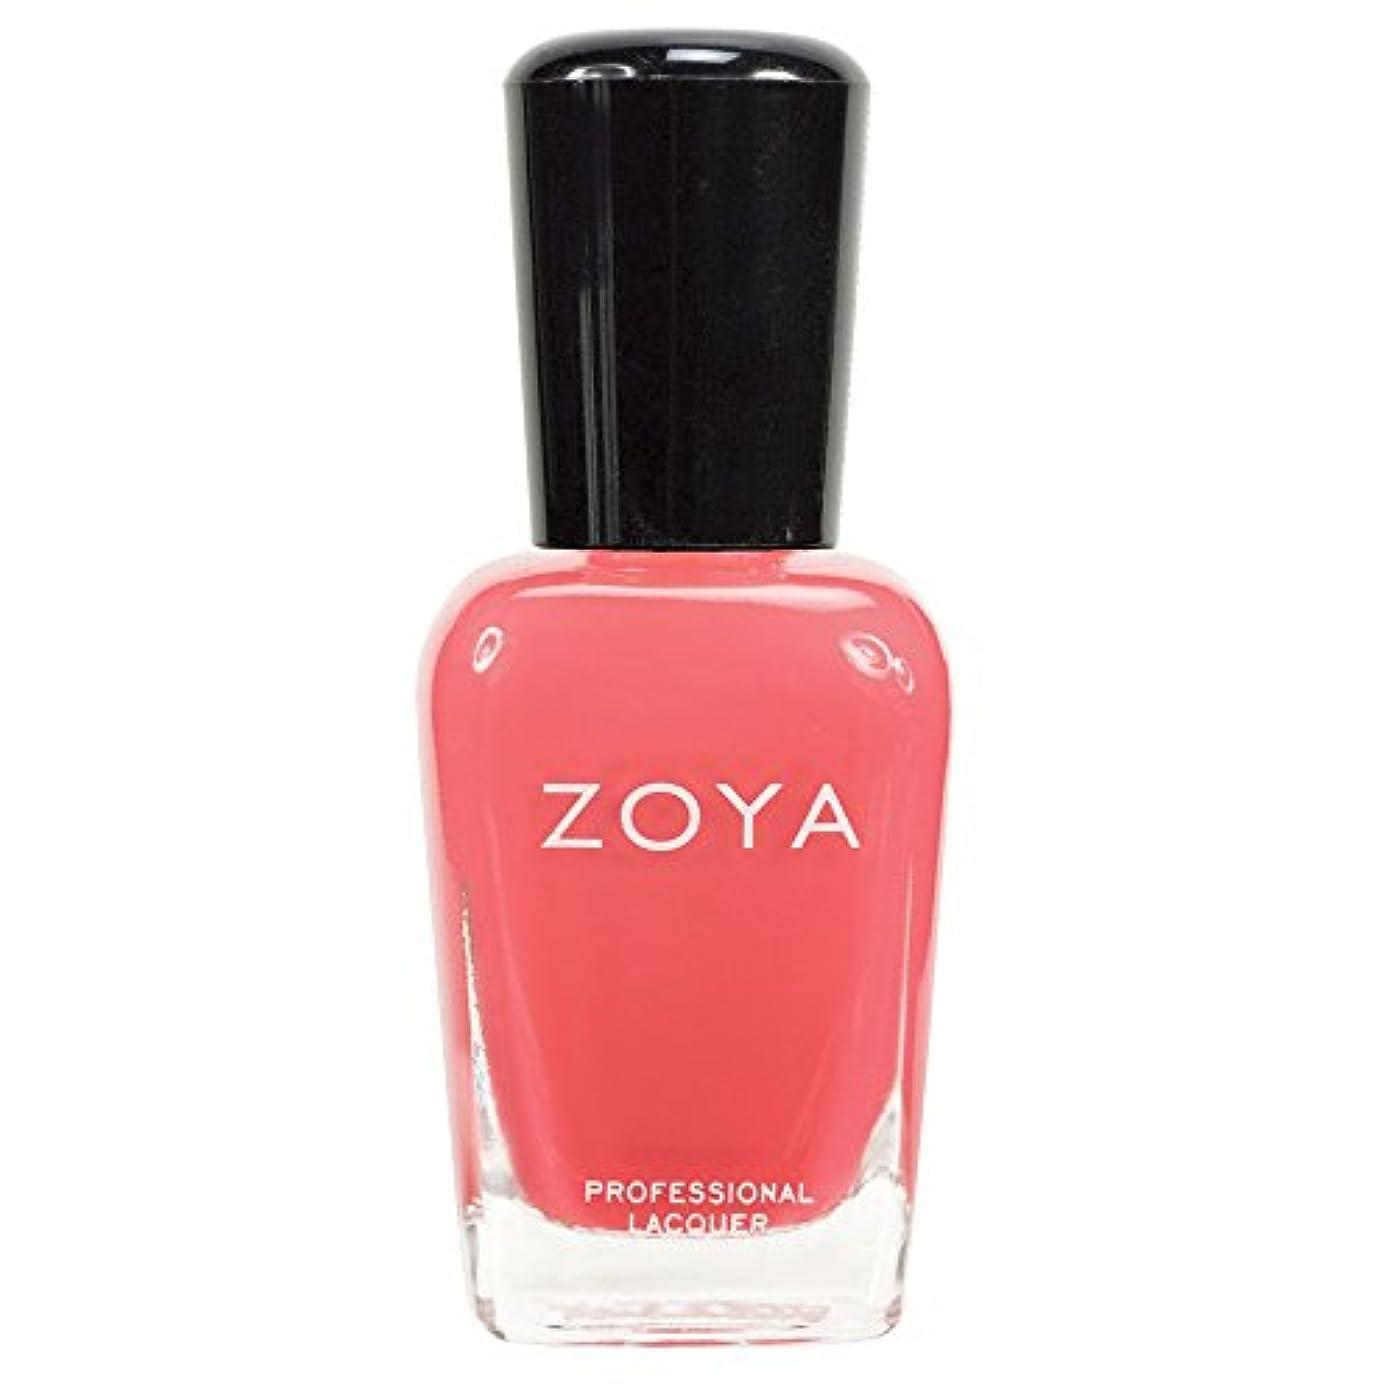 資本農業線ZOYA ゾーヤ ネイルカラーZP441 ELODIE エロディ 15ml 明るいコーラルピンク マット/クリーム 爪にやさしいネイルラッカーマニキュア